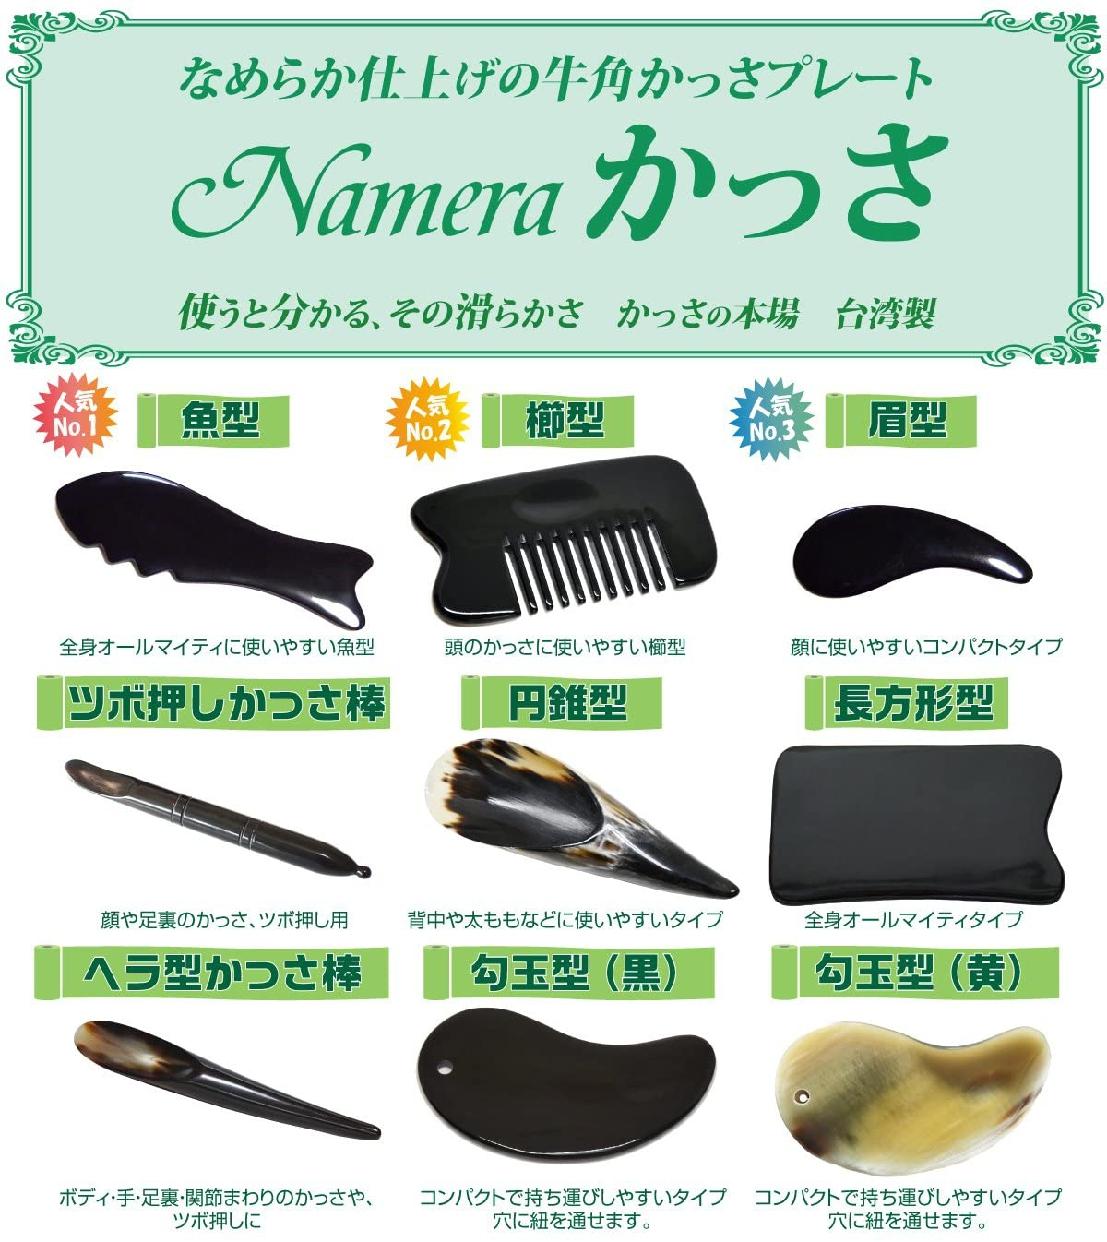 Namera(ナメラ)かっさ 牛角かっさプレート 櫛型の商品画像7